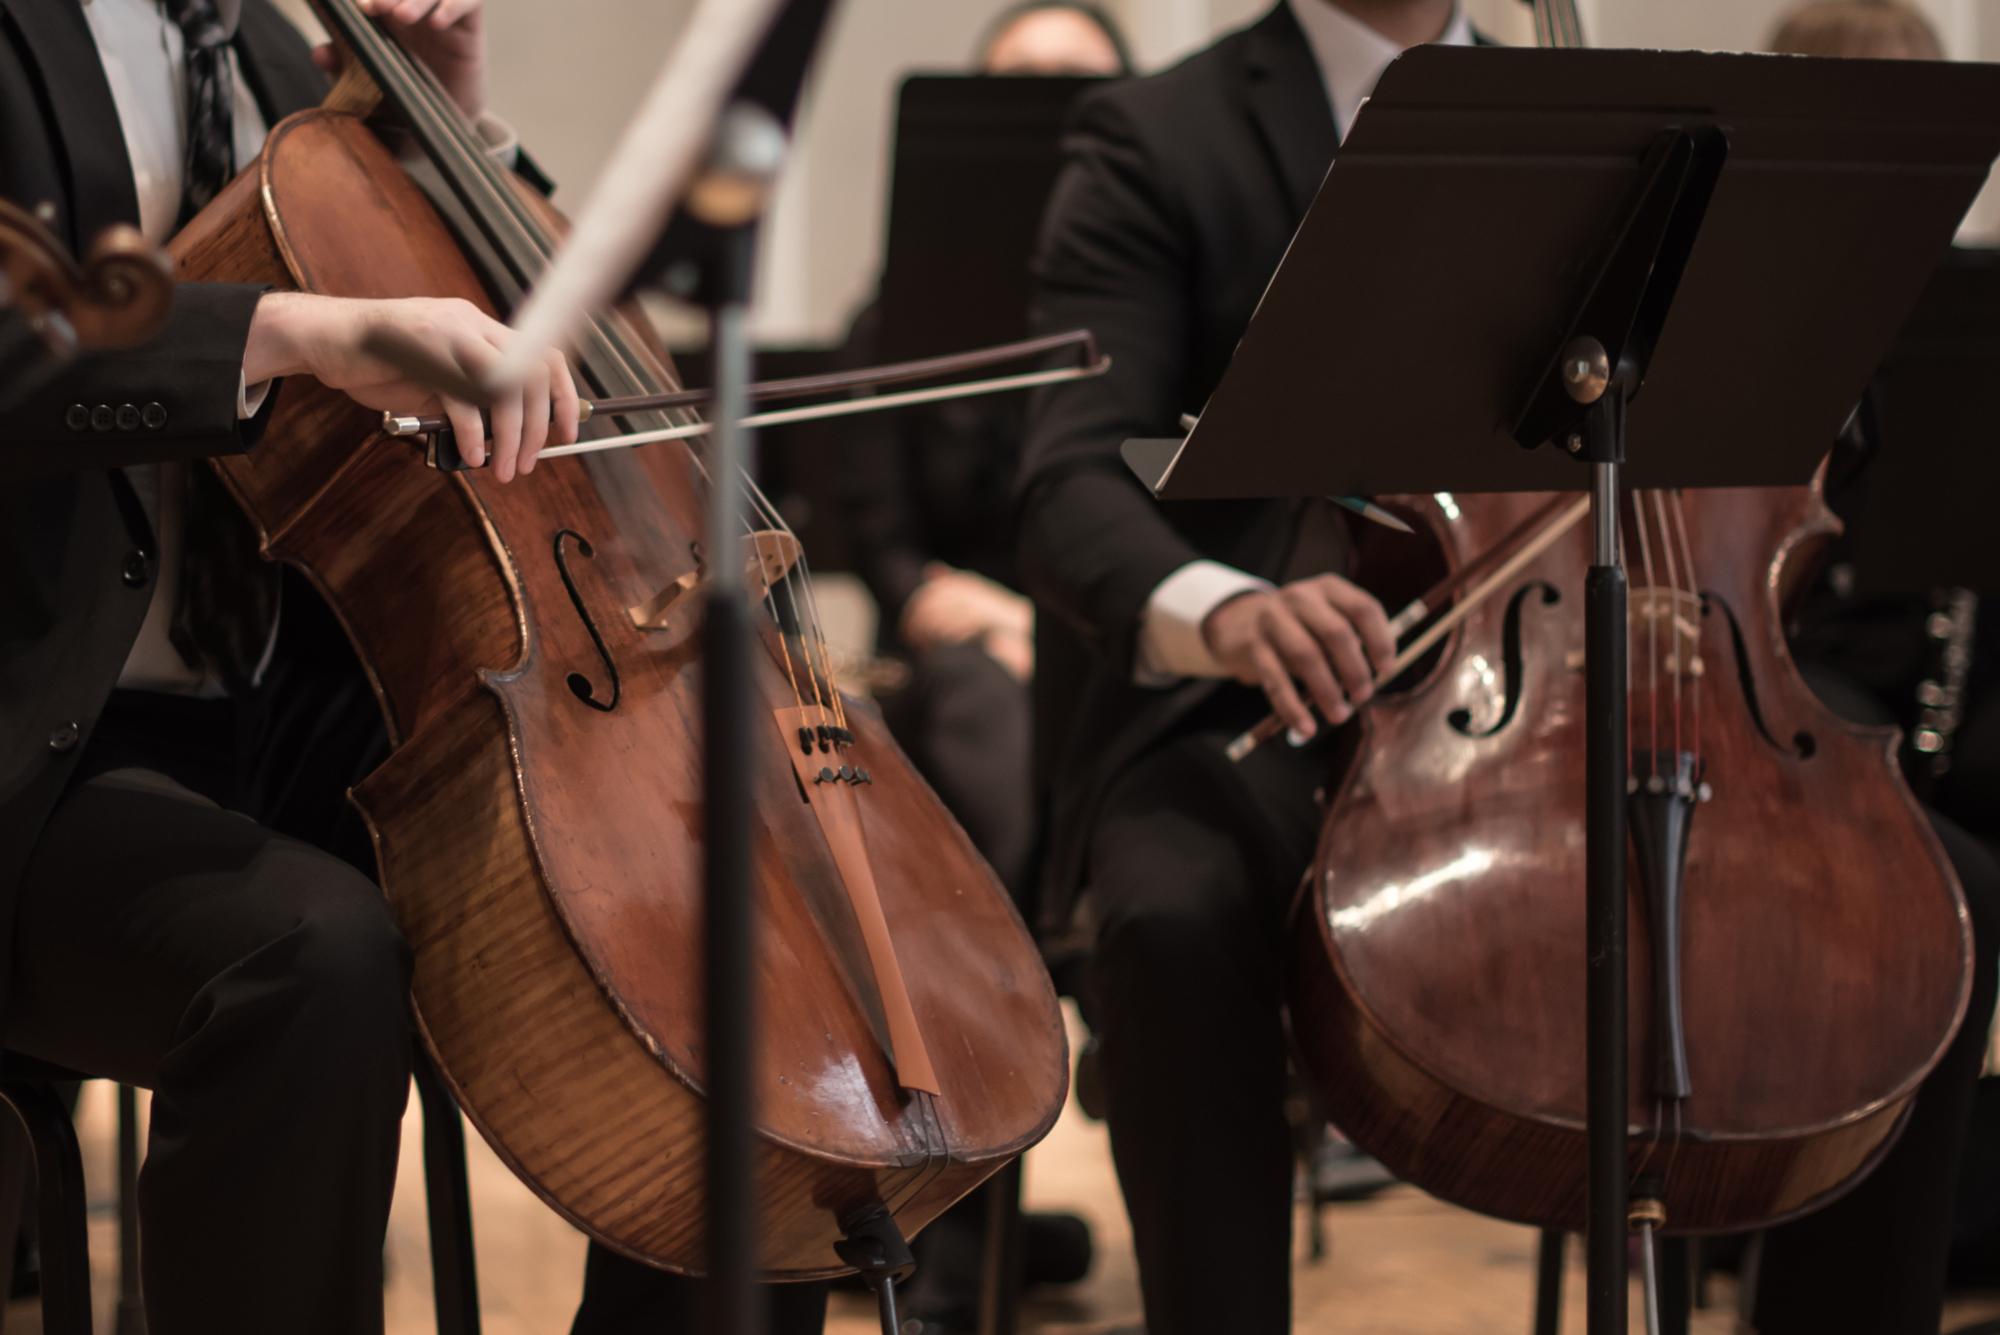 49Oistrakh-Symphony-Rehearsal-180325-(Photo-by-Johnny-Nevin)137_2000px.jpg